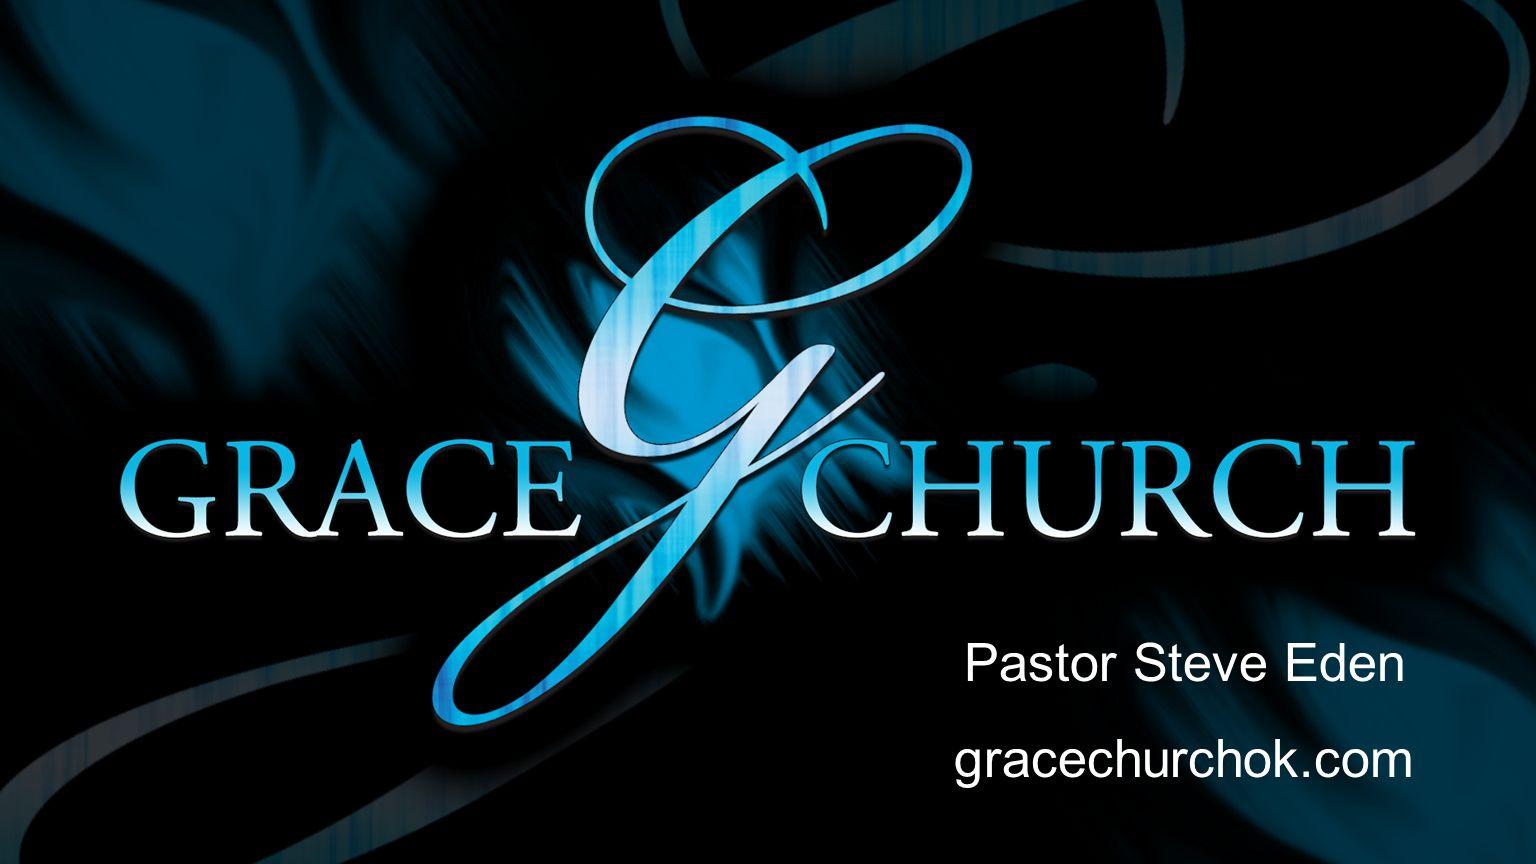 Pastor Steve Eden gracechurchok.com